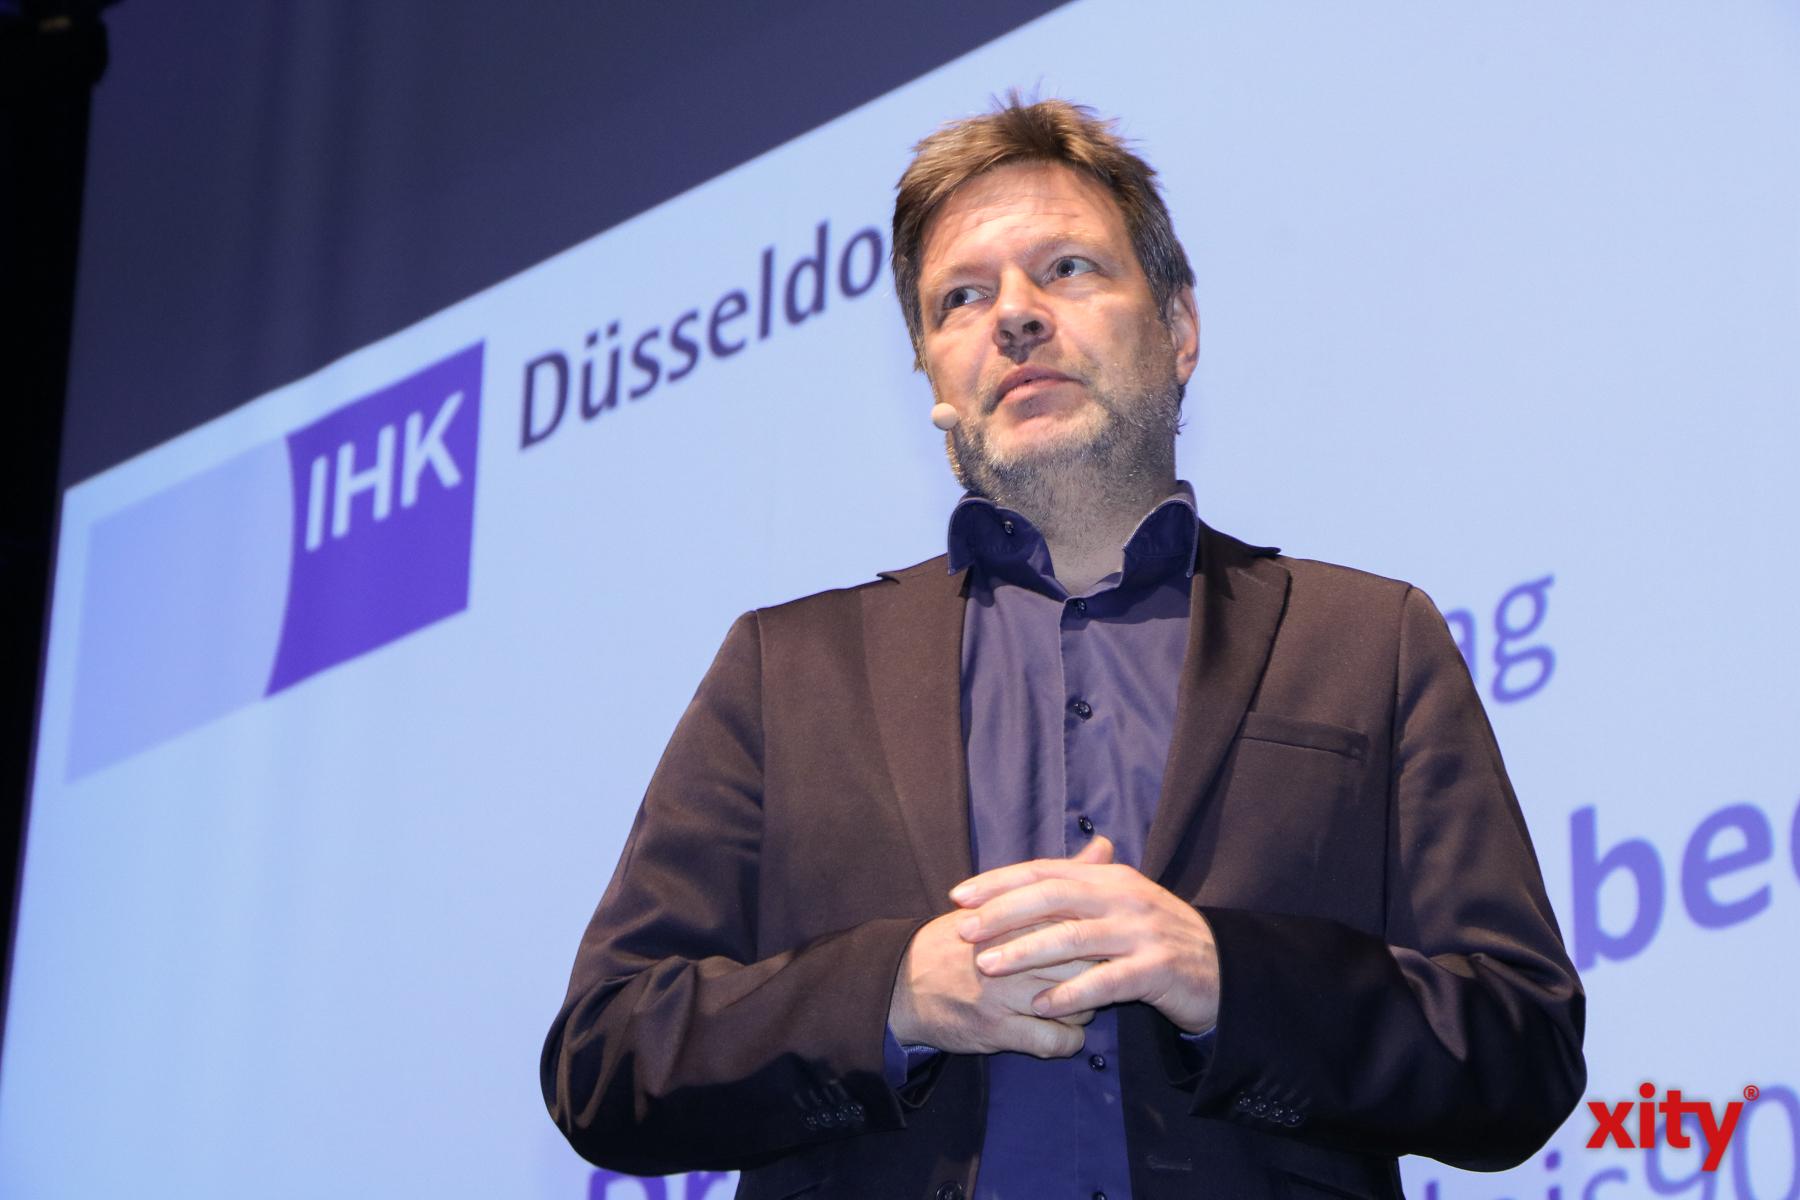 Gastredner des IHK Jahresempfangs war Robert Habeck, Bundesvorsitzender Bündnis 90/Die Grünen (Foto: xity)